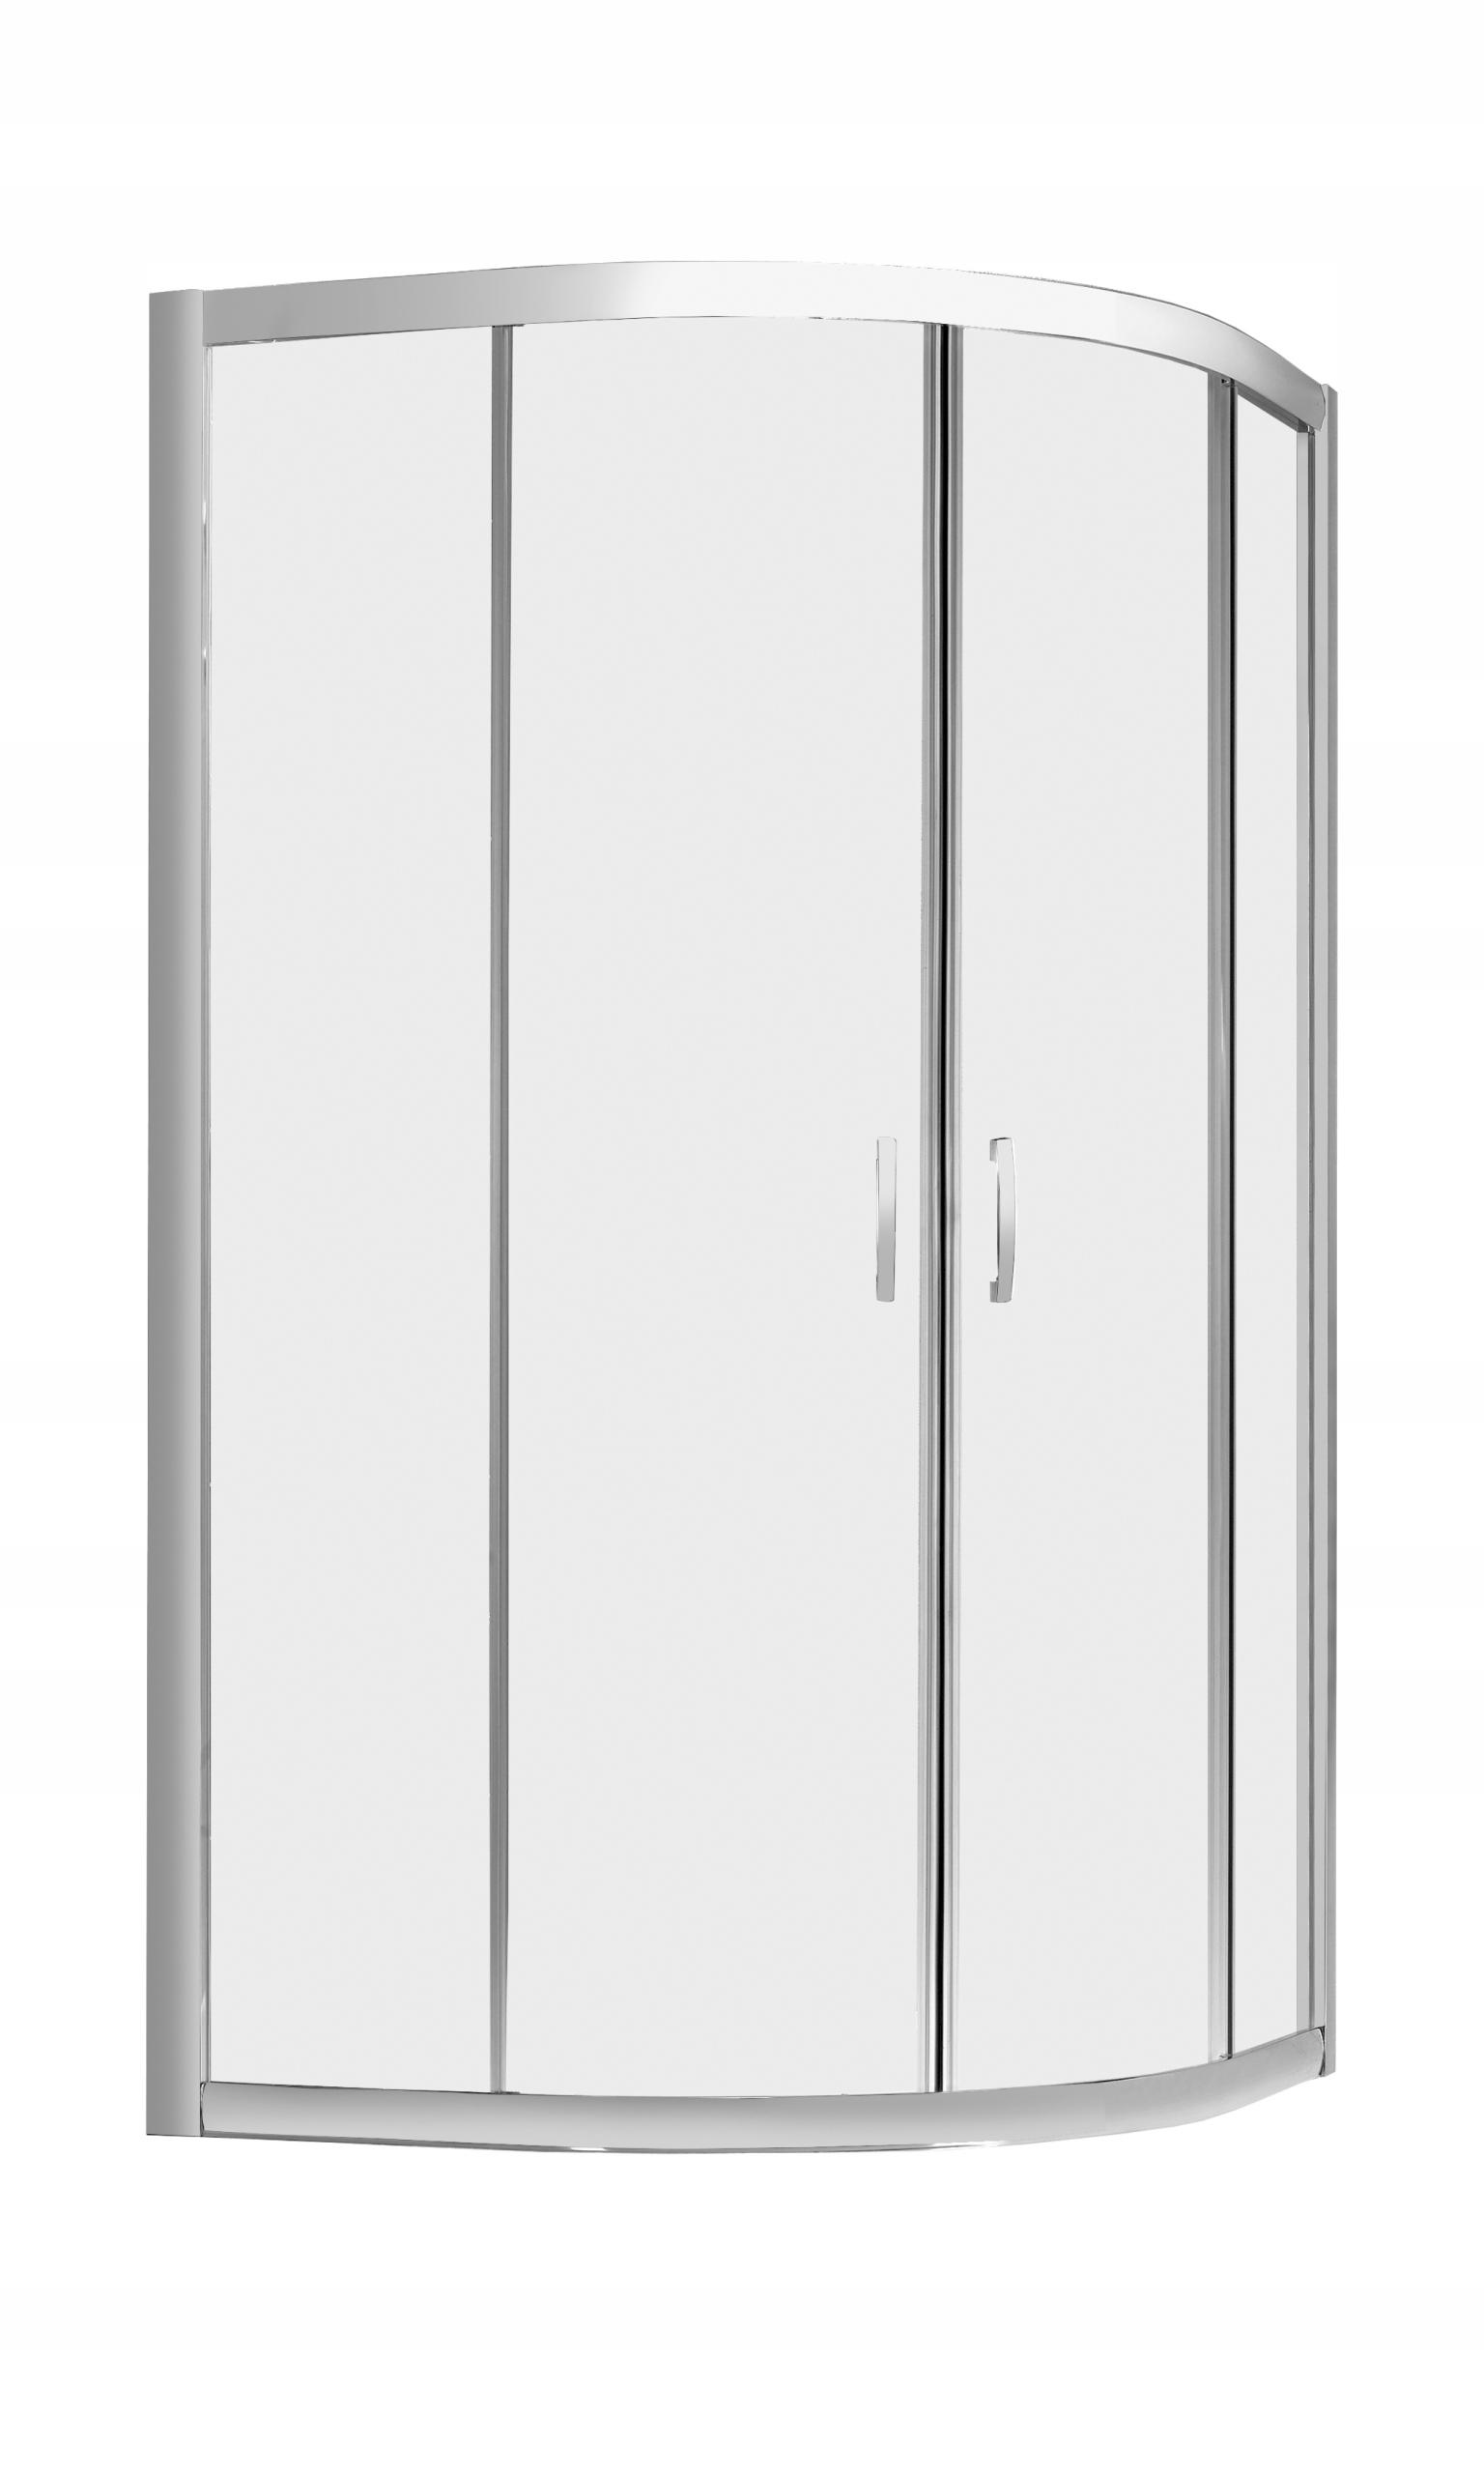 PREMIUM PLUS A sprchový kút 80x80 x170 cm cl